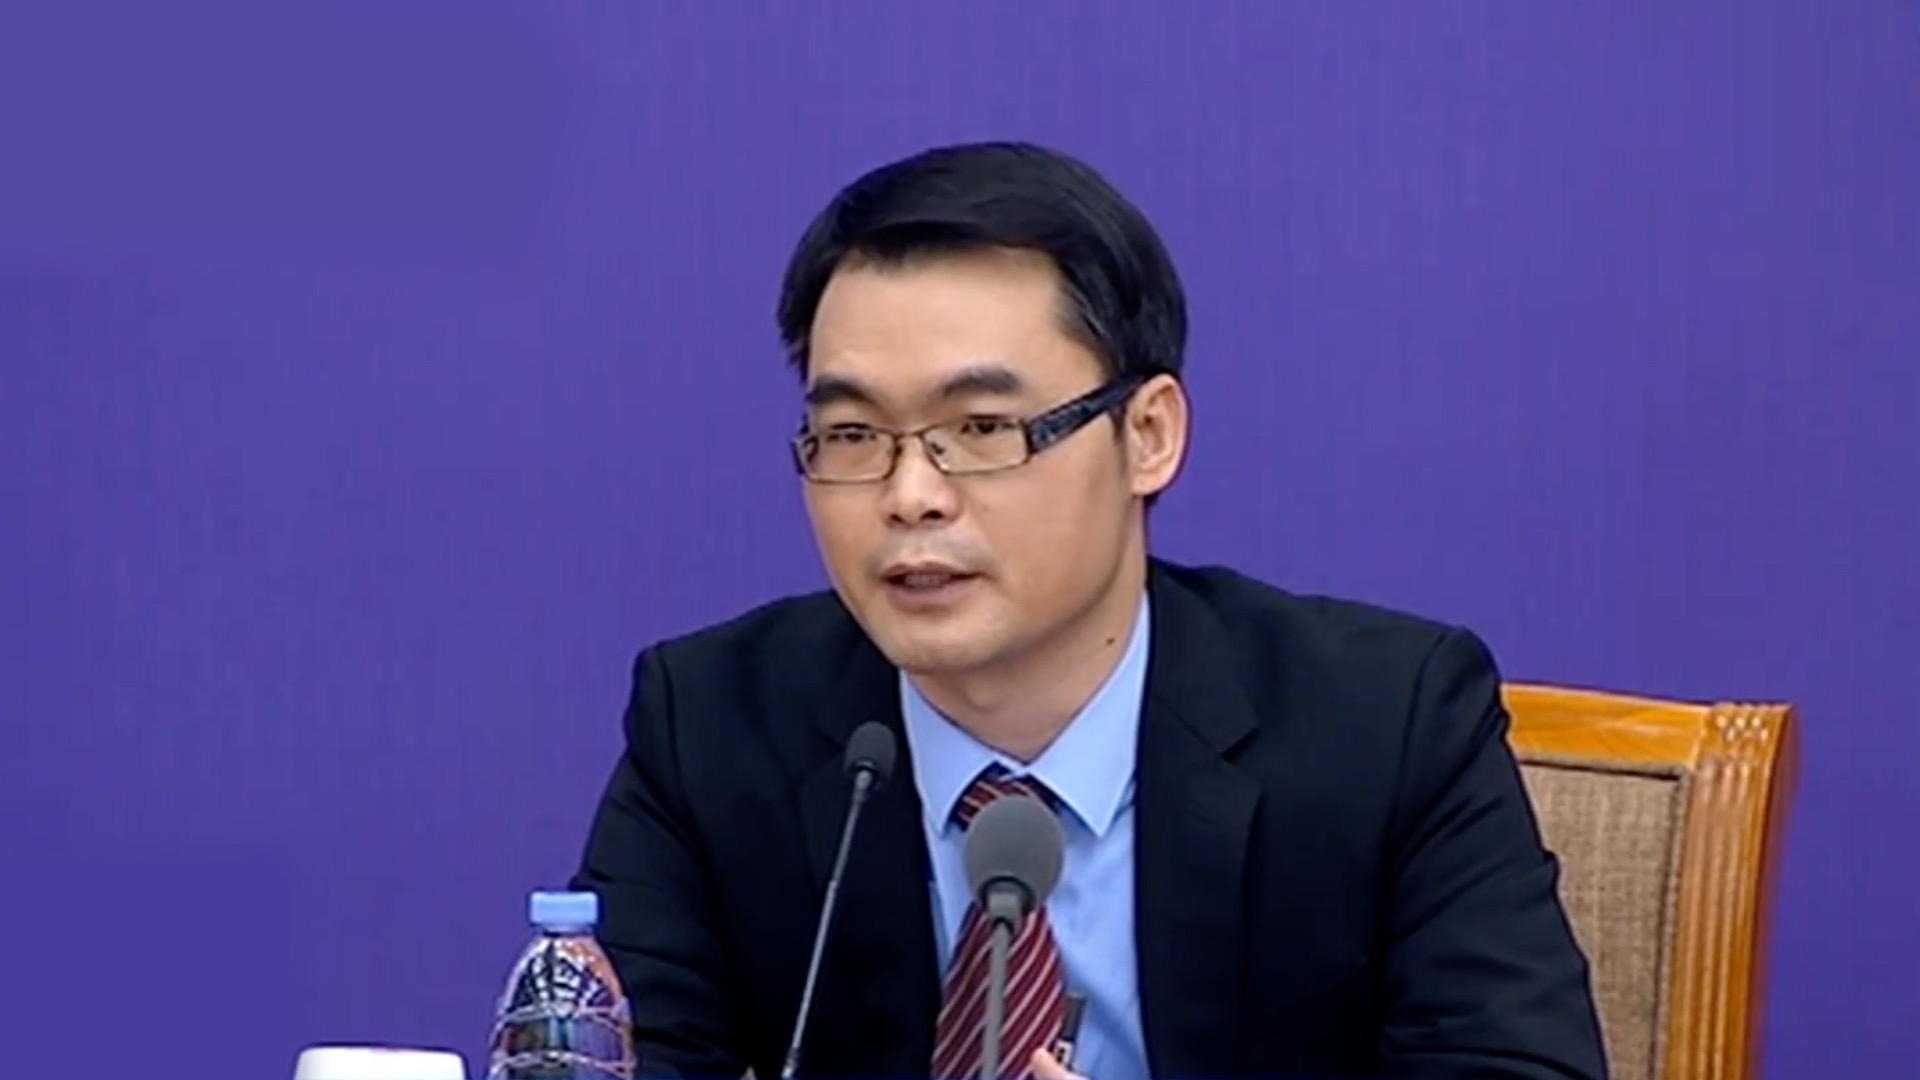 央行:疫情的影响是短暂的,不会改变中国经济基本面